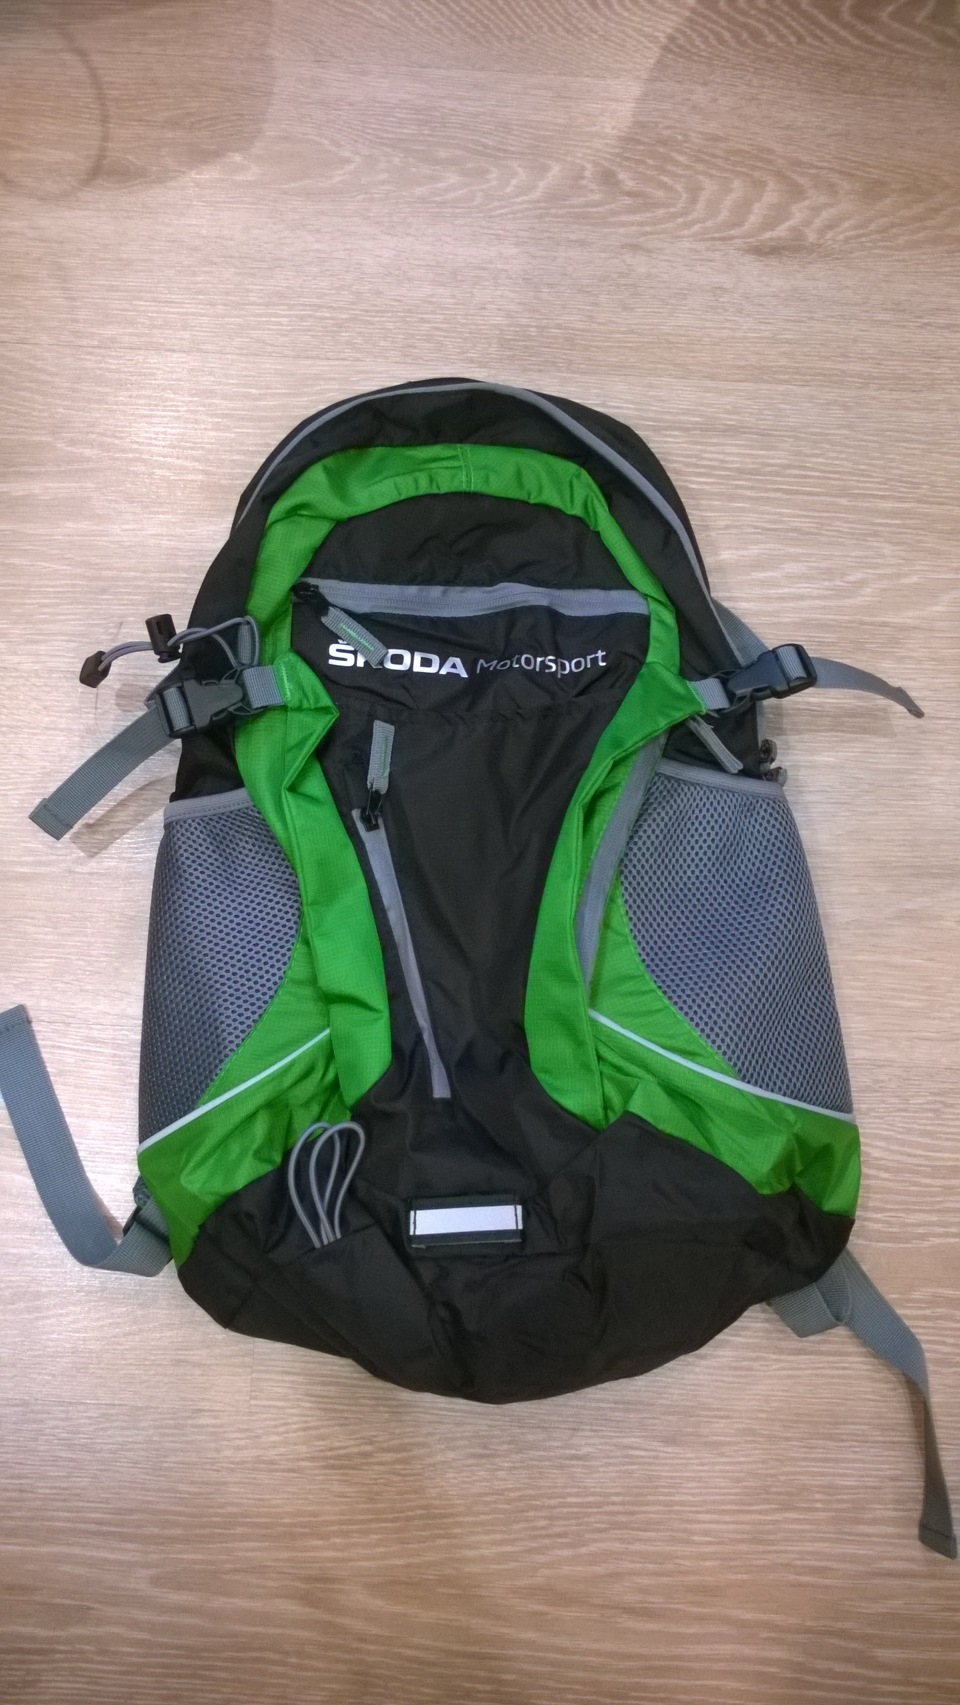 Рюкзак skoda octavia туристический рюкзак детский